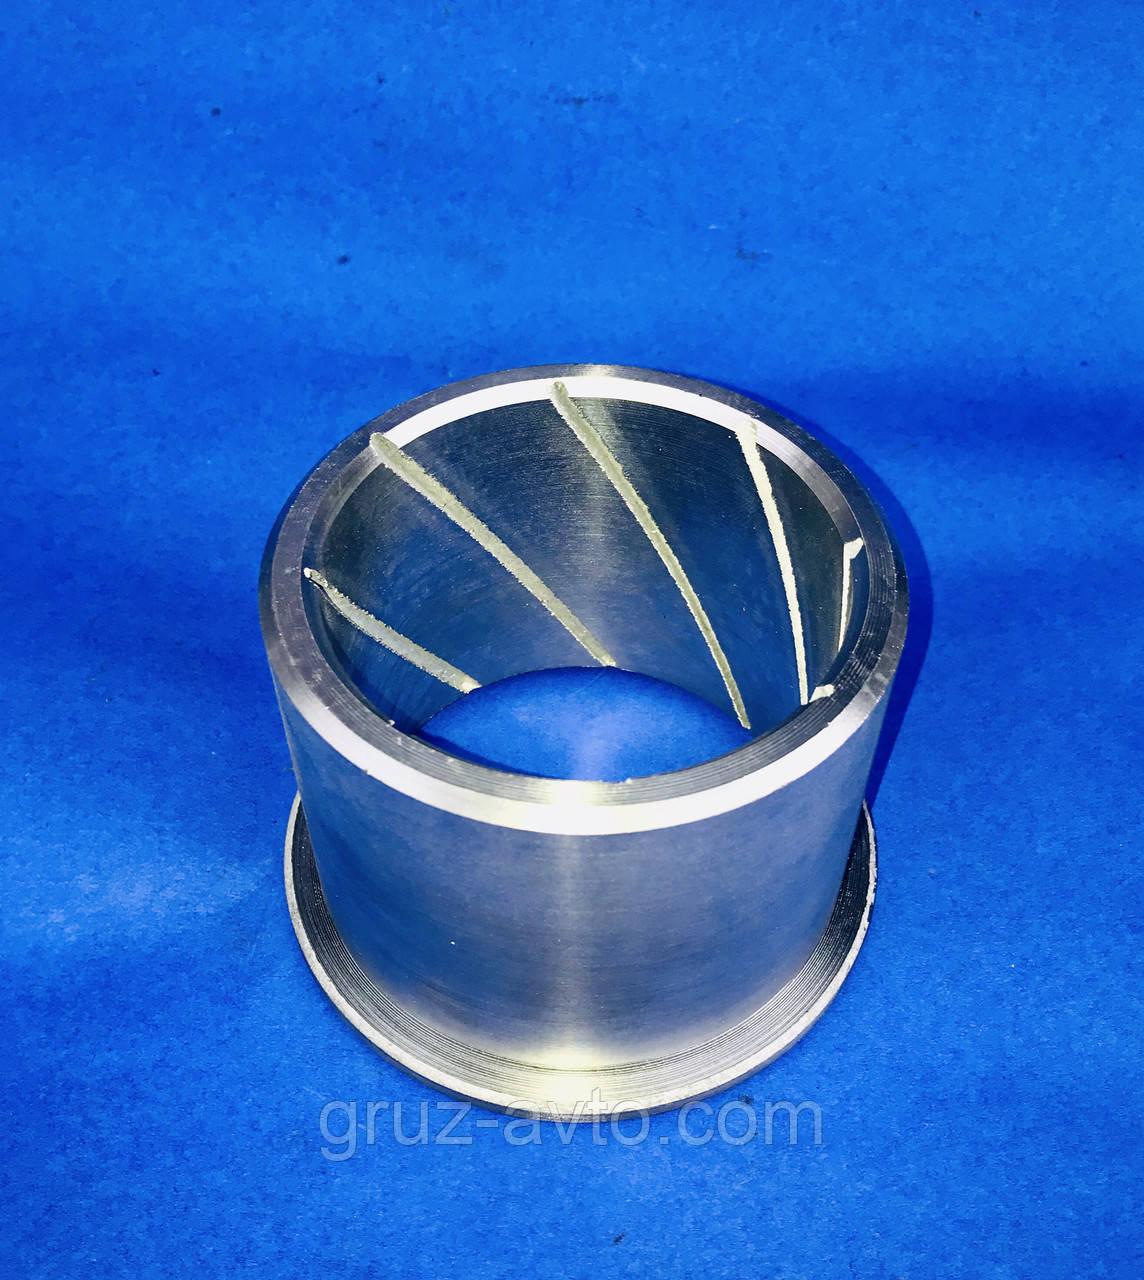 Втулка осі балансира Камаз ЦАМ (цинк-алюміній-магній) стандартний розмір 100*88 / 5320-29180